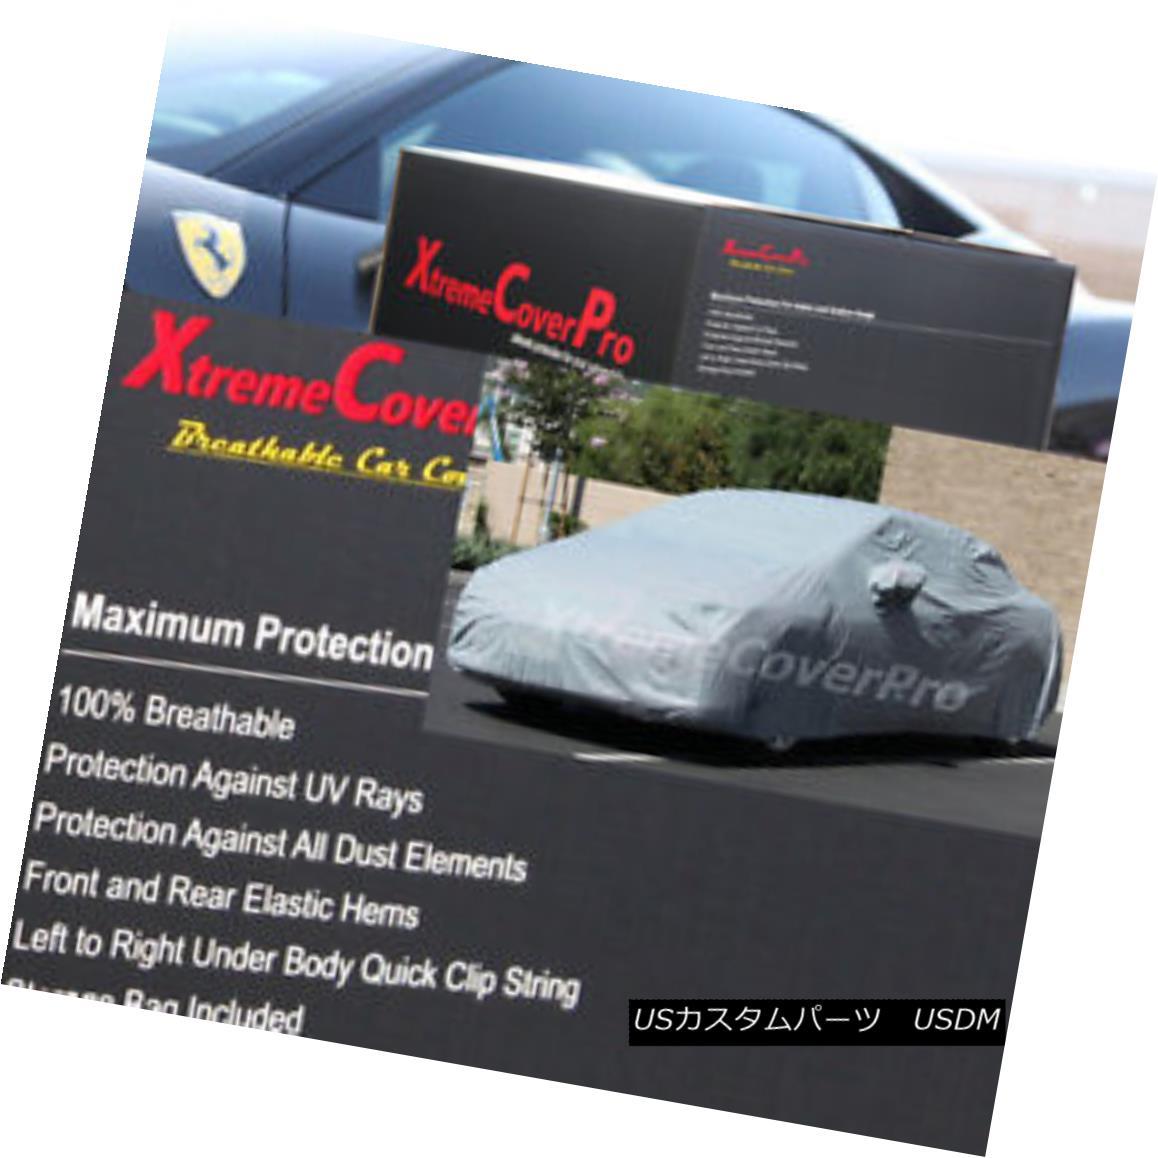 カーカバー 1988 1989 1990 Mercedes 300CE 300CE Breathable Car Cover w/MirrorPocket 1988年1989年1990年メルセデス300CE 300CE通気性車カバー付きMirrorPocket